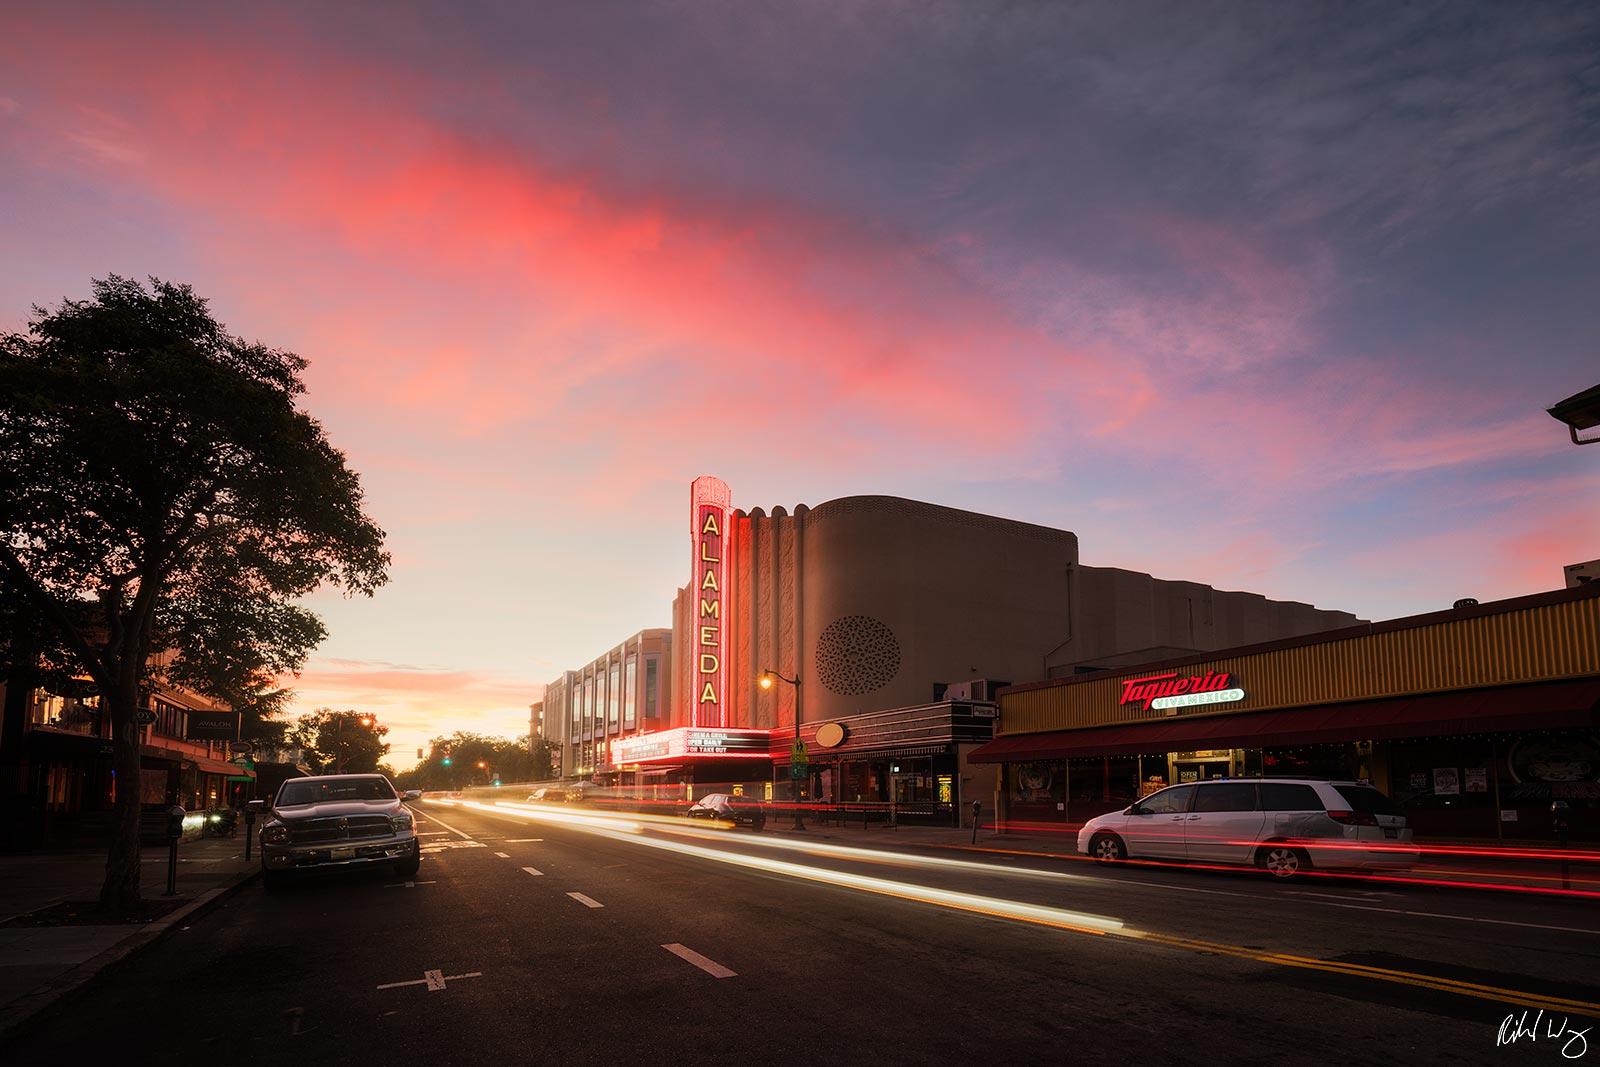 Historic Alameda Theatre at Sunset, Alameda, California